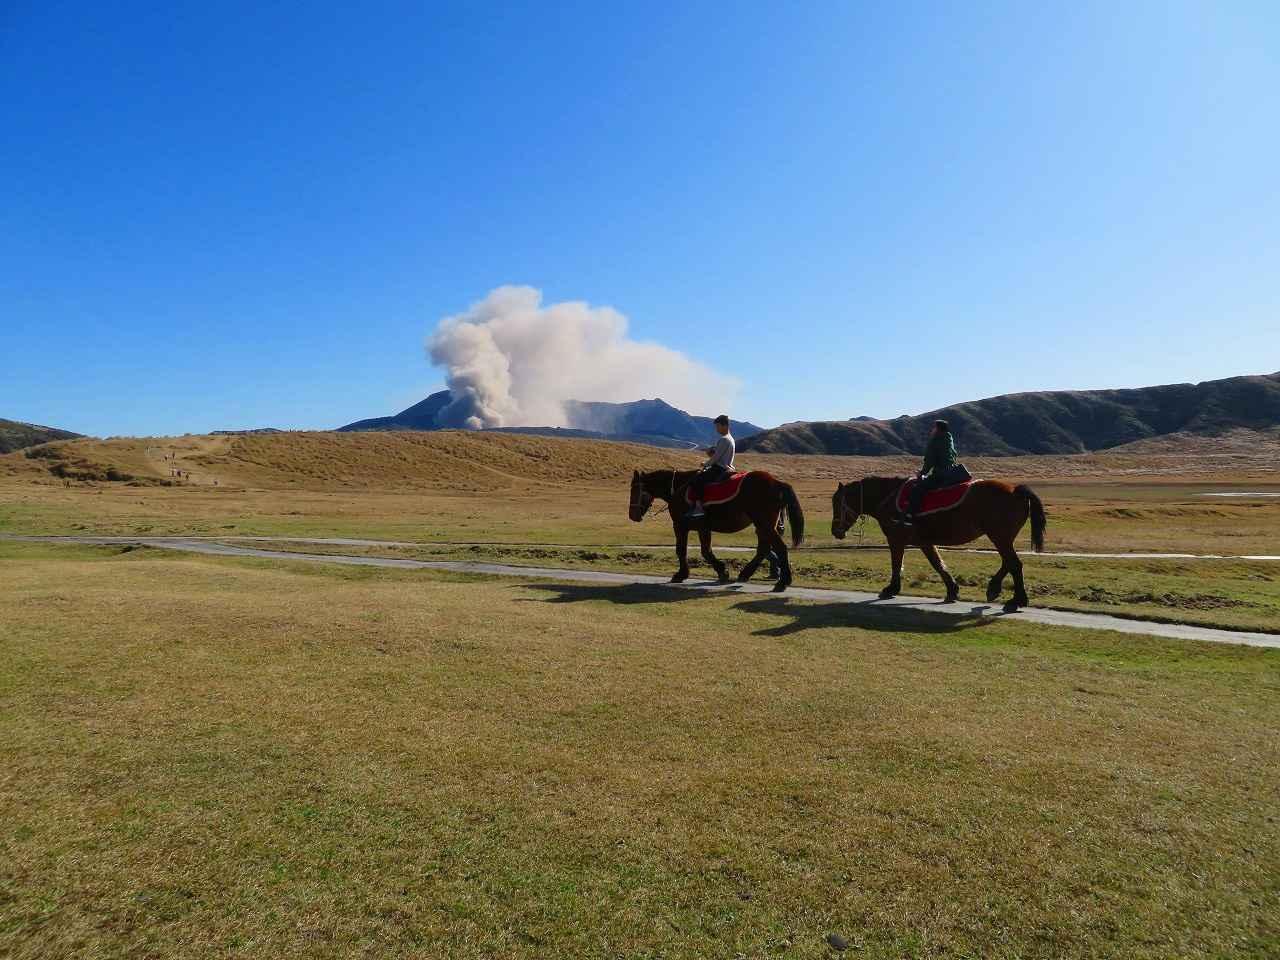 画像: お客様作品:羽賀 道行様(東京都在住) 乗馬越しに見る中岳噴煙